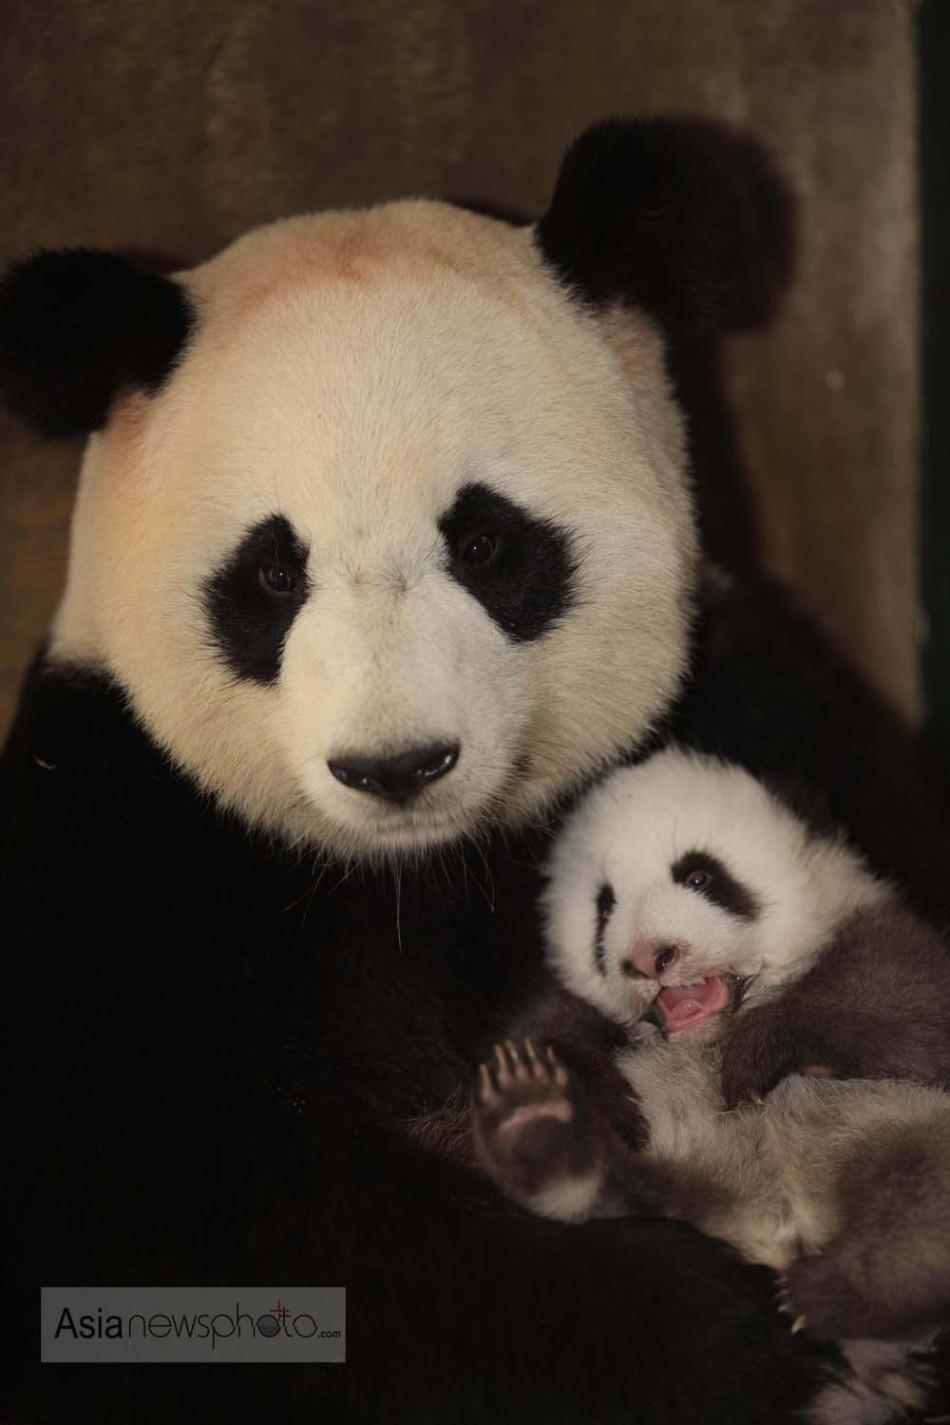 超萌成都新生熊猫宝宝